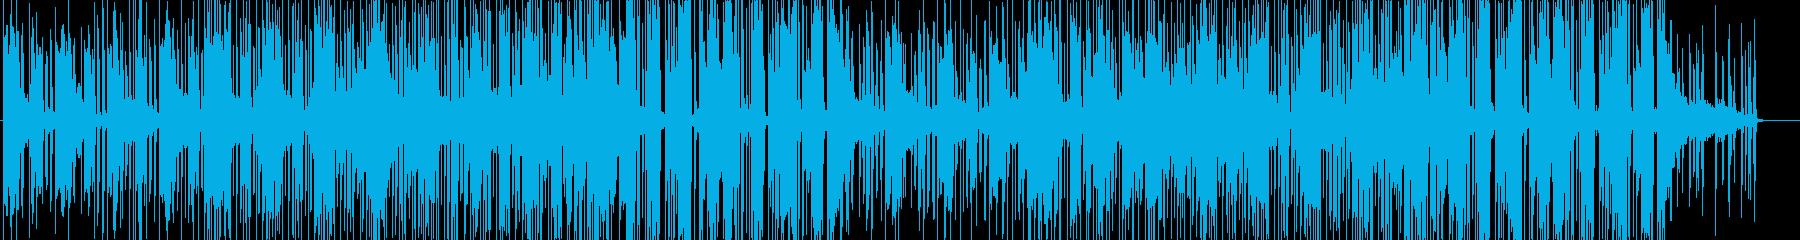 ネオシティポップなエレクトロダンスソウルの再生済みの波形